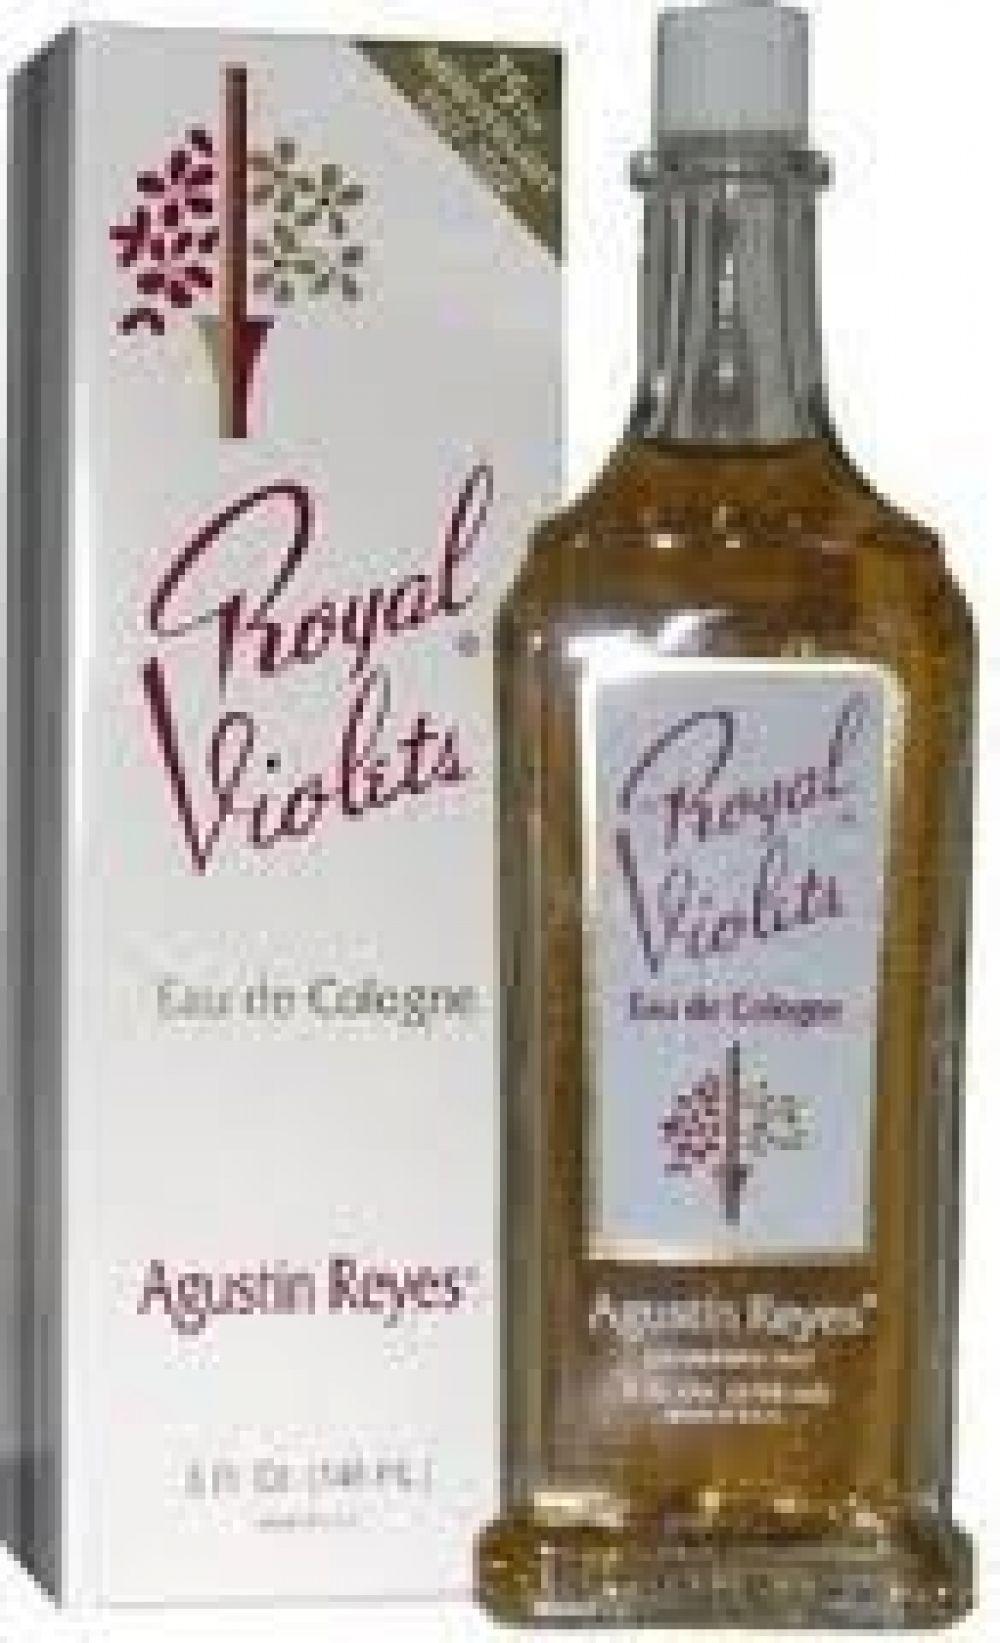 Pack Of 3 Royal Violets By Agustin Reyes 5 Oz Agua De Colonia Eau De Cologne Glass Bottle By Vetrarian Eau De Cologne Bottle Glass Bottles